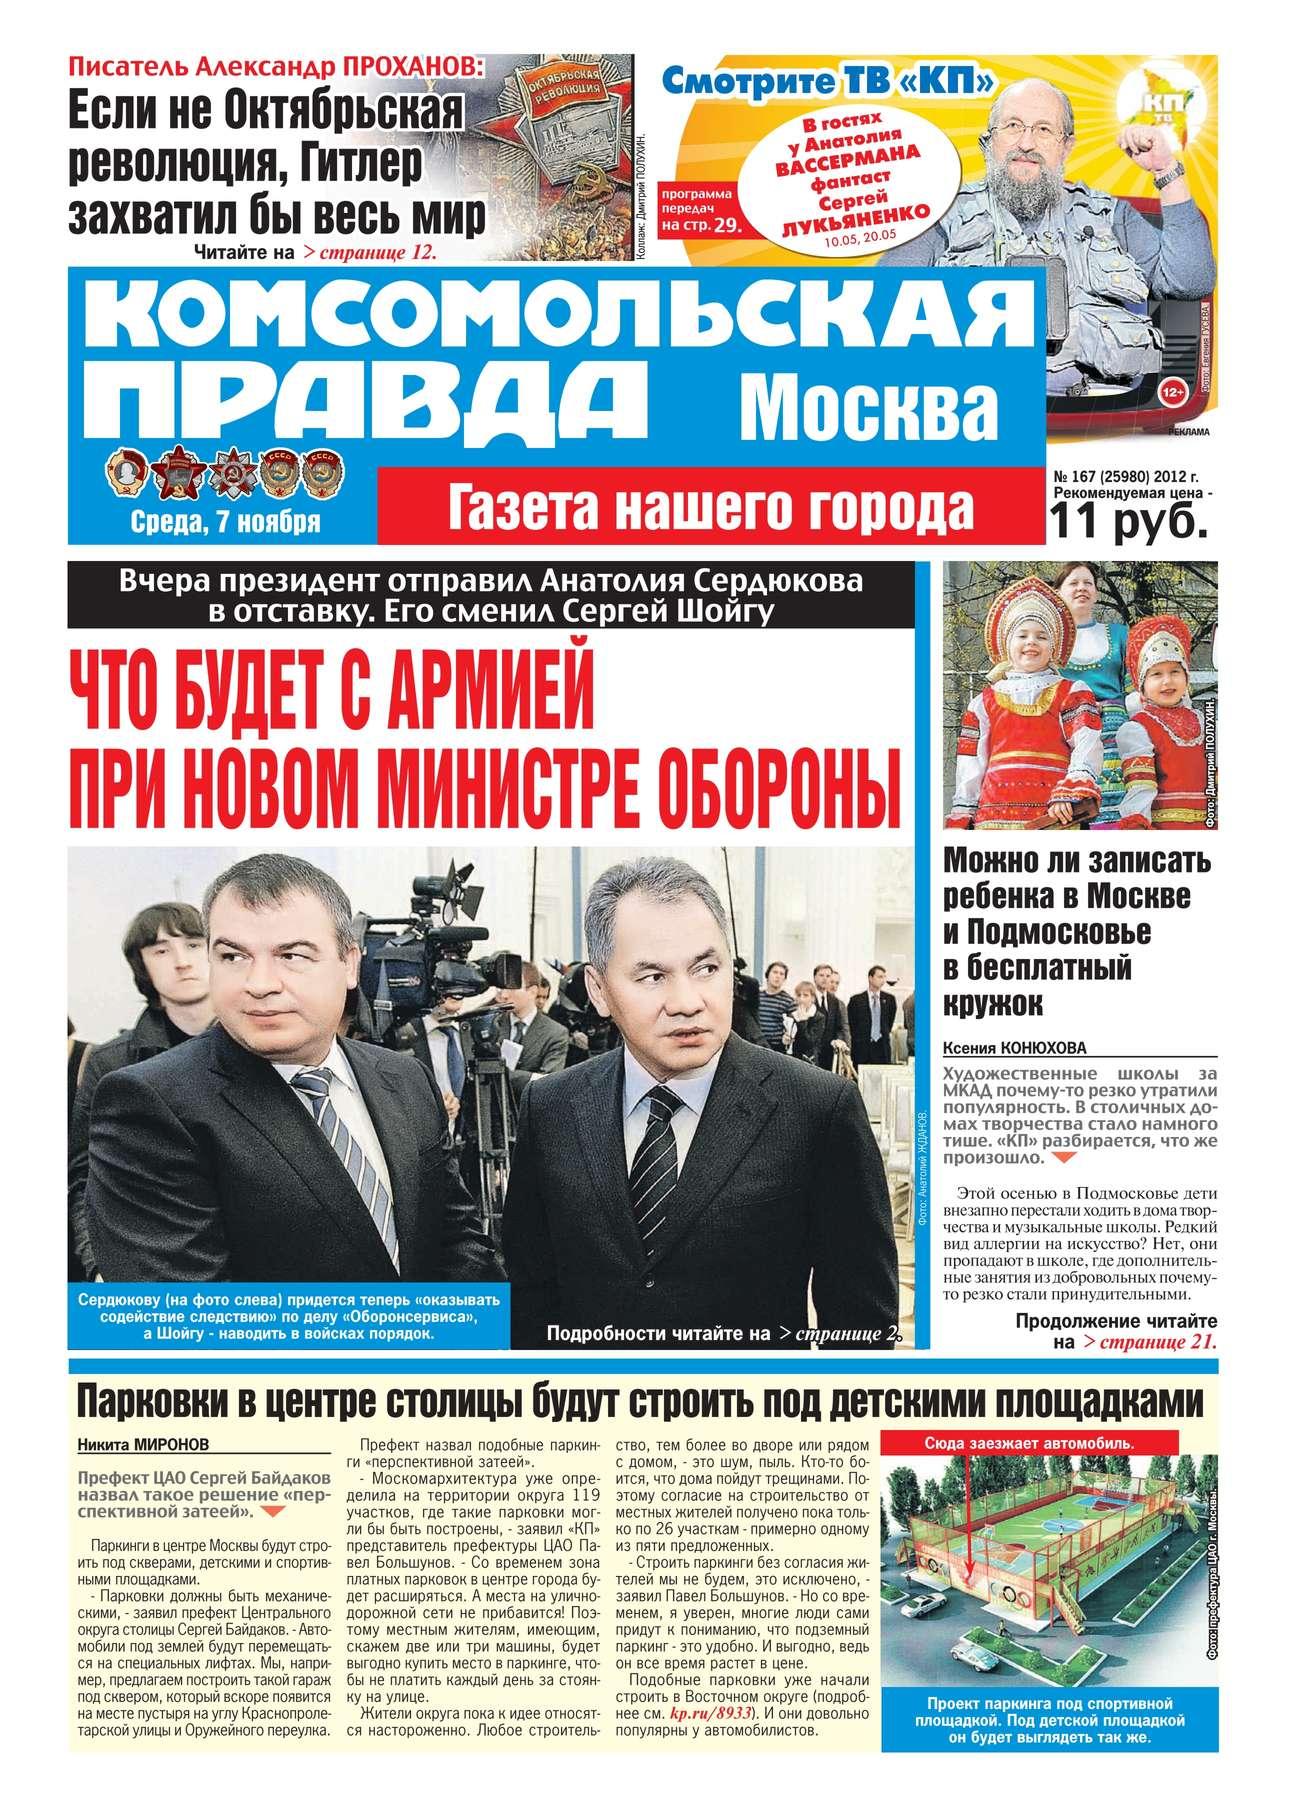 Комсомольская Правда. Москва 167-11-2012